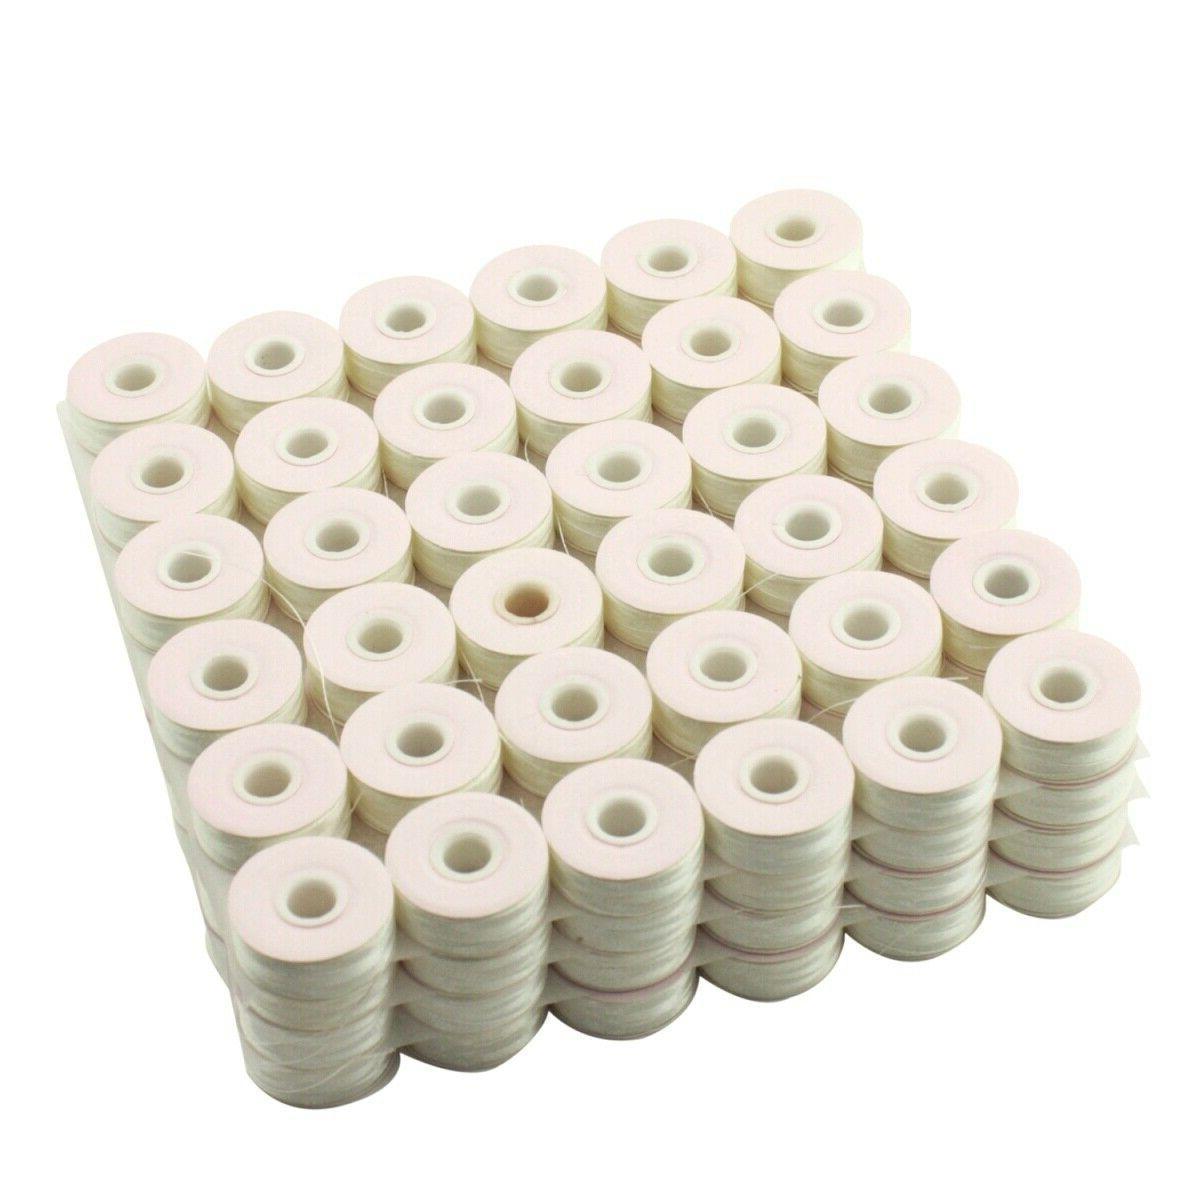 Cutex™ Paper White Prewound Embroidery Machine Bobbins -